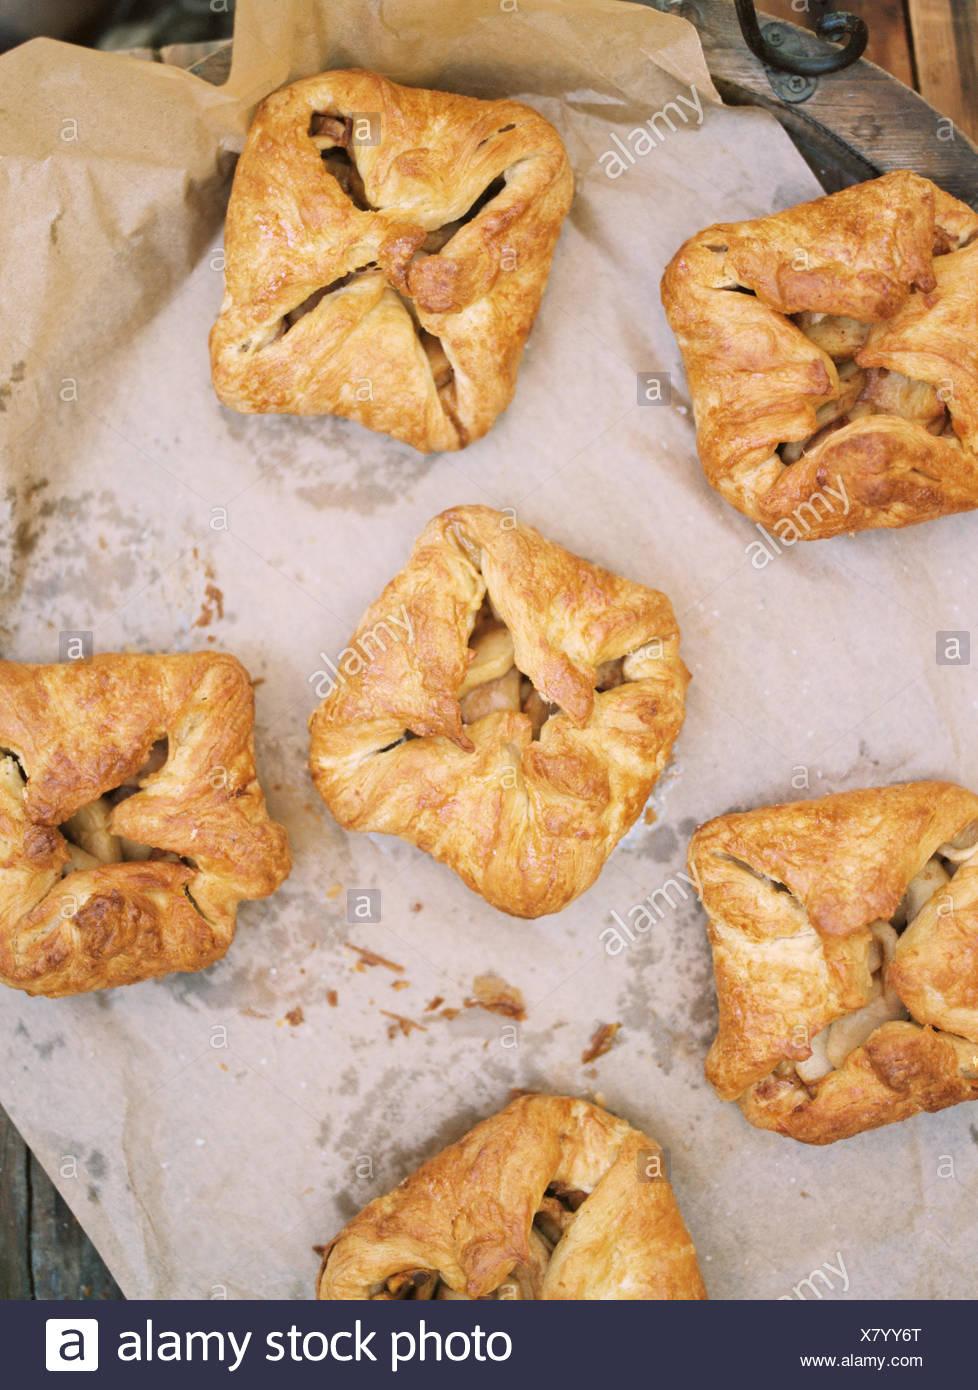 Apple orchard. La nourriture sur une table. Photo Stock